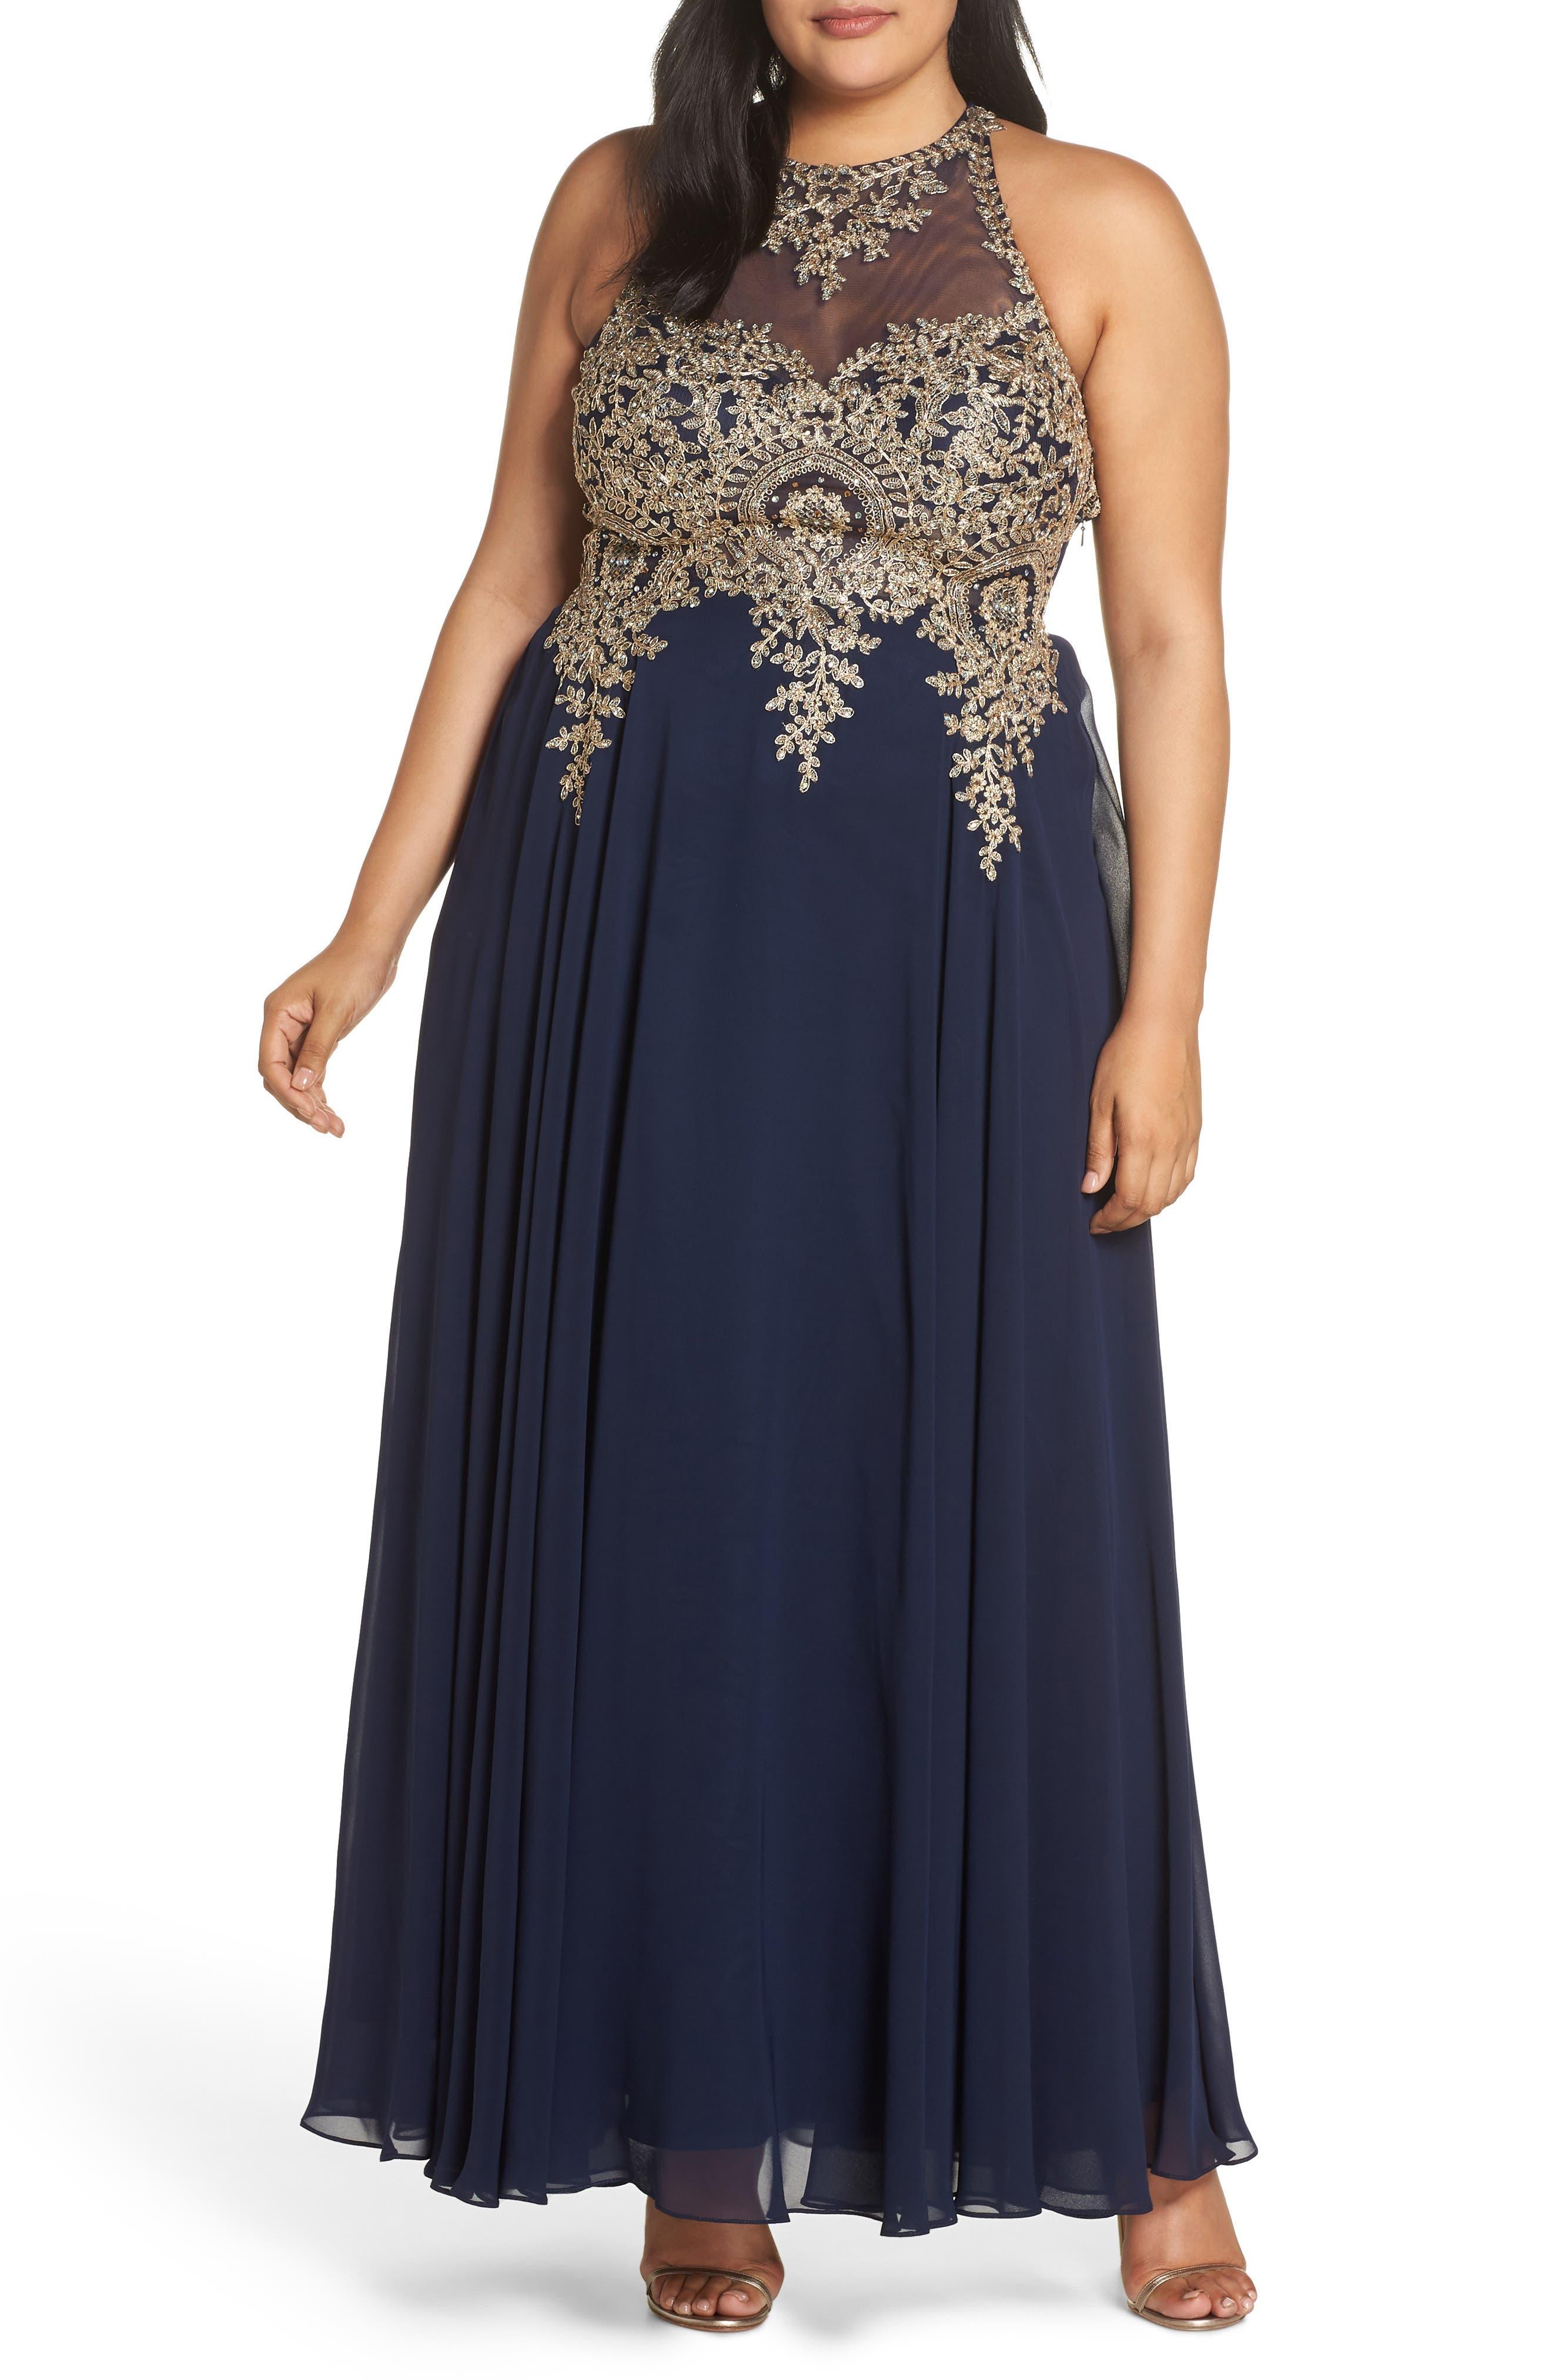 Xscape Plus Size Formal Dresses